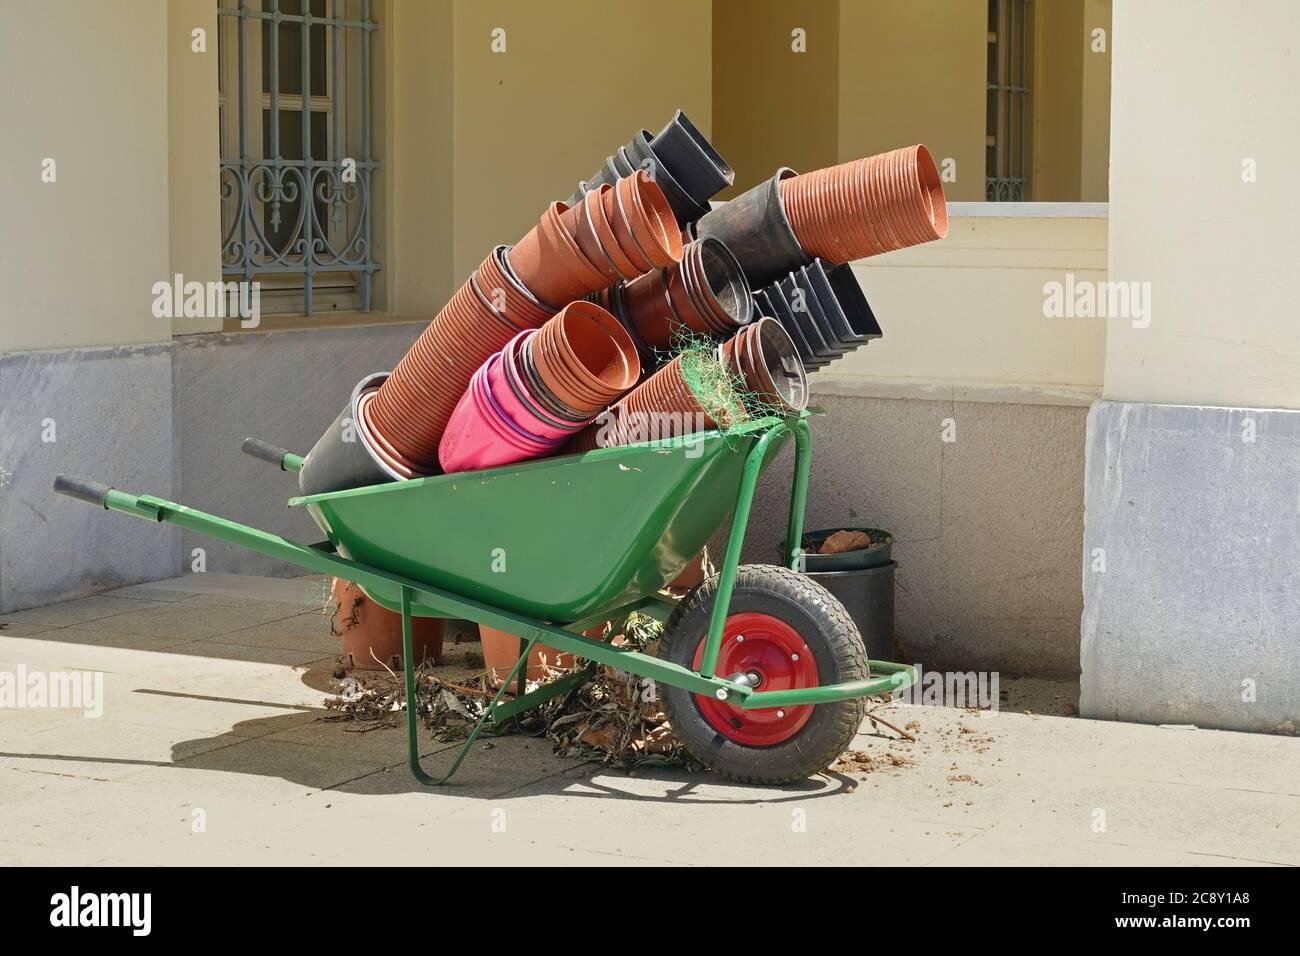 Chariot de brouette de jardin avec pots de fleurs vides. Équipement de jardinage. Banque D'Images